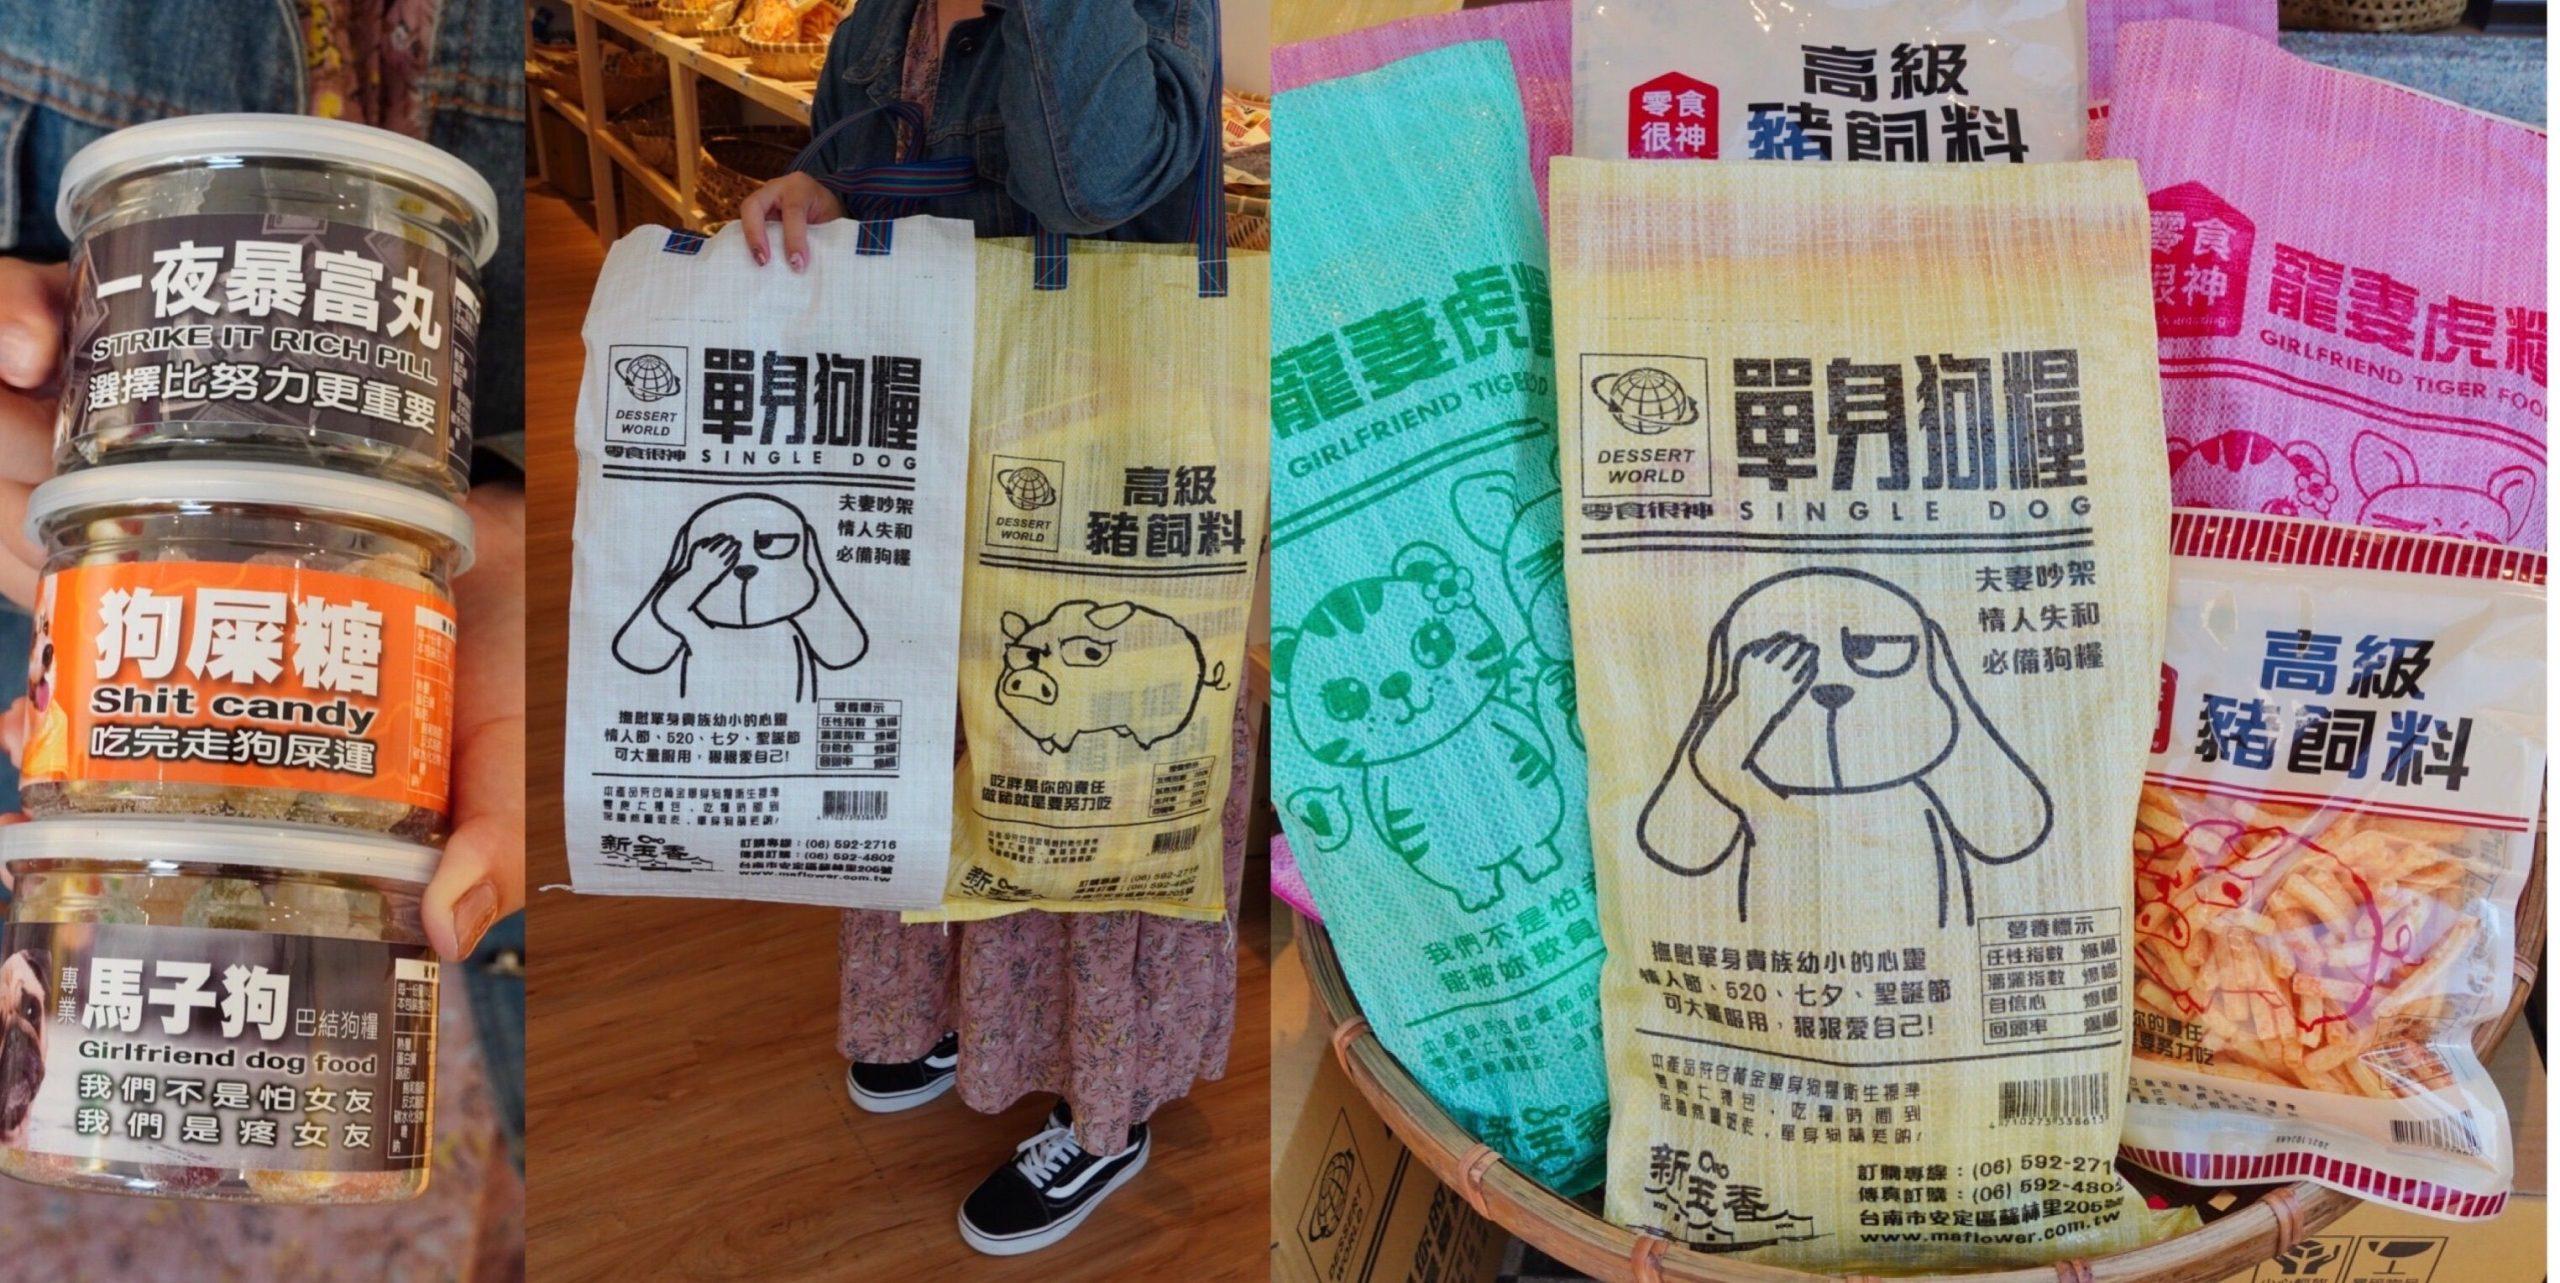 單身狗們來吃豬飼料「新玉香二代店」豬飼料柑仔店開來市區 台南最鬧的店!! 狗屎糖/馬子狗/各式餅乾通通50元